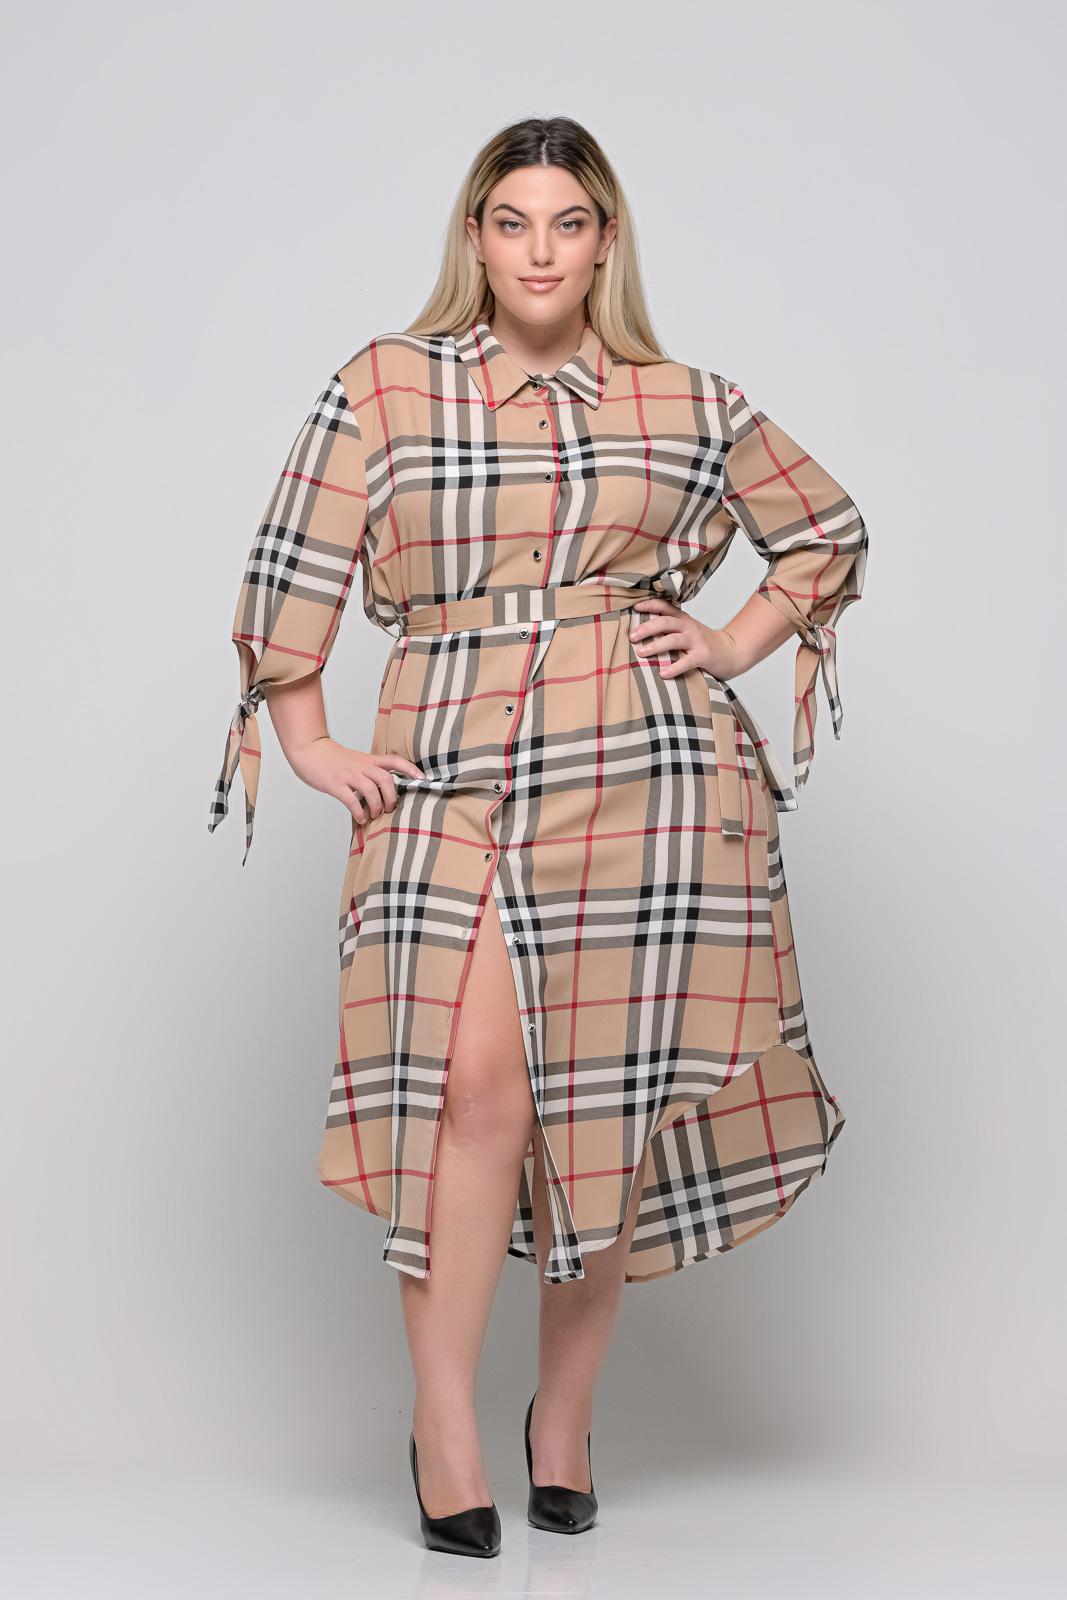 Σεμιζιέ μεγάλα μεγέθη καρό με ζωνάκι και δέσιμο στα μανίκια.Στο eshop μας θα βρείτε οικονομικά γυναίκεια ρούχα σε μεγάλα μεγέθη και υπερμεγέθη.